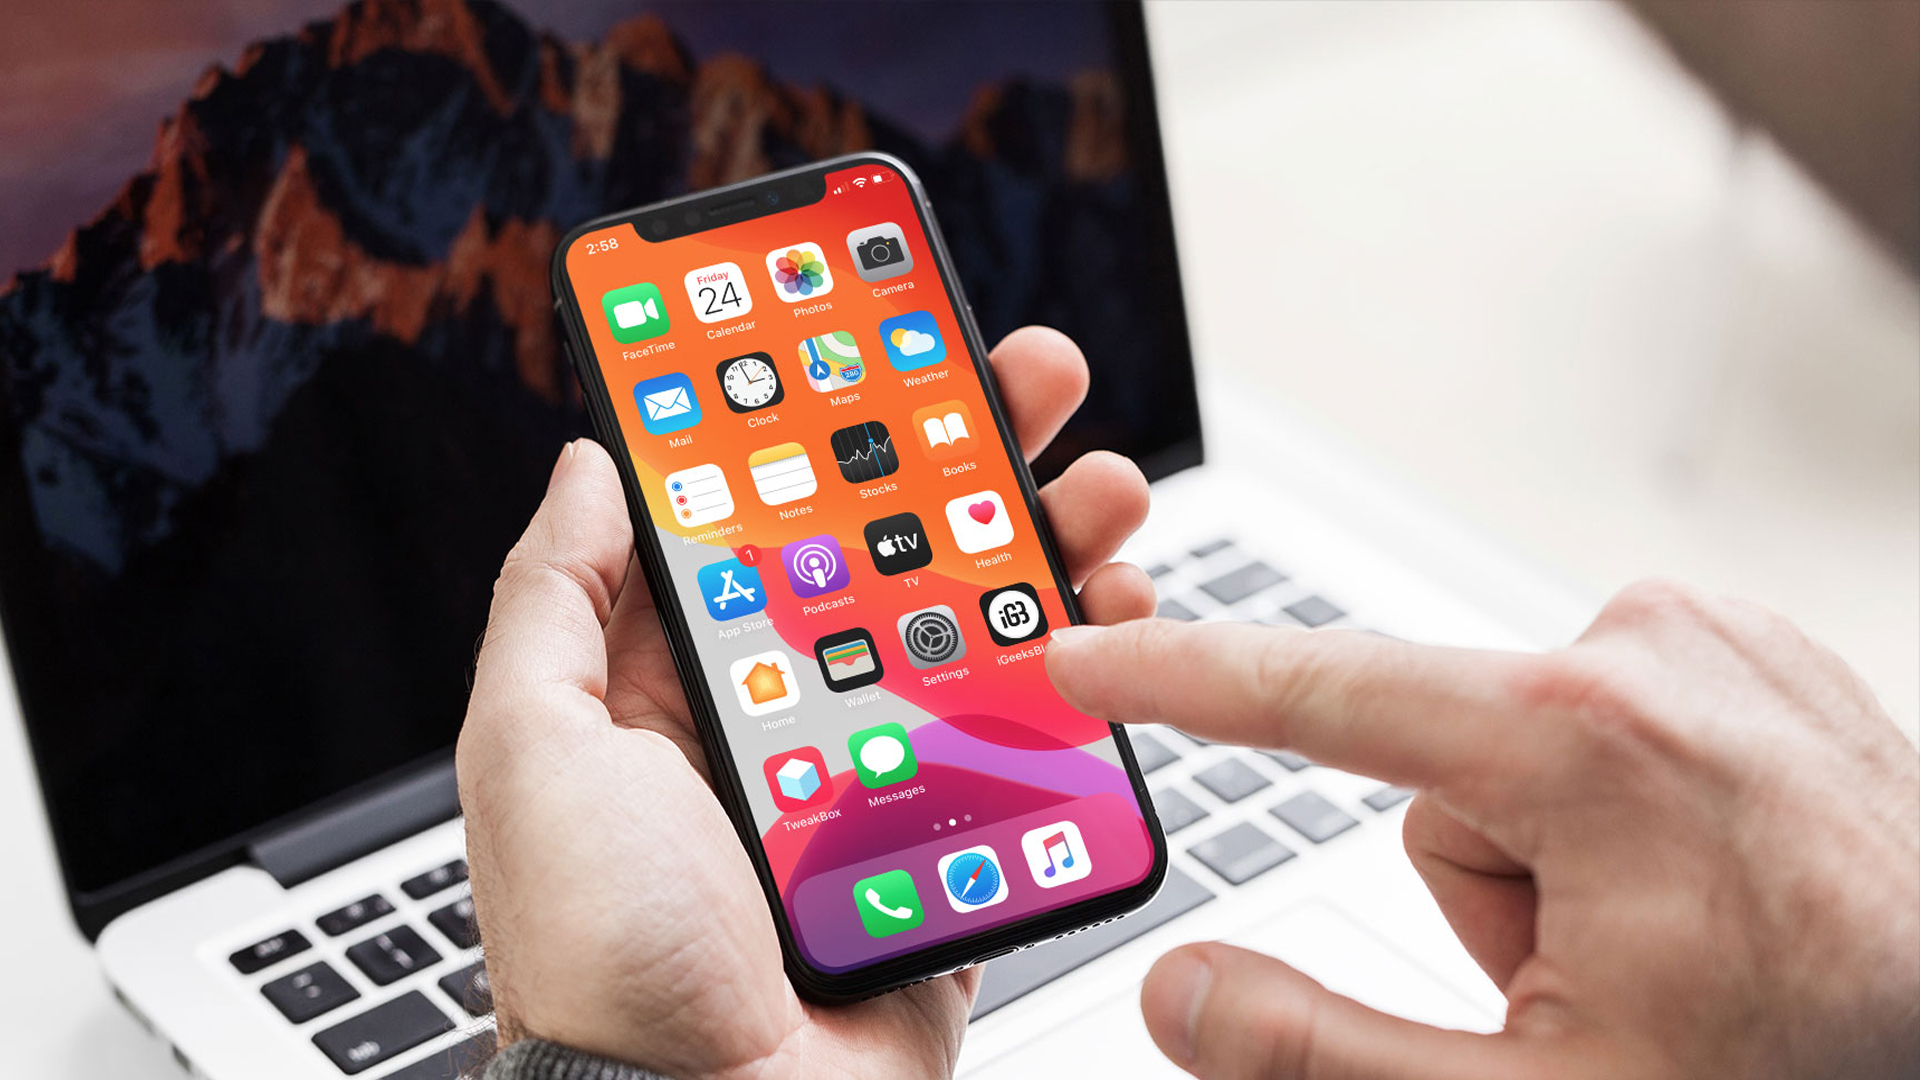 Хакеры через Wi-Fi начали взламывать смартфоны Apple